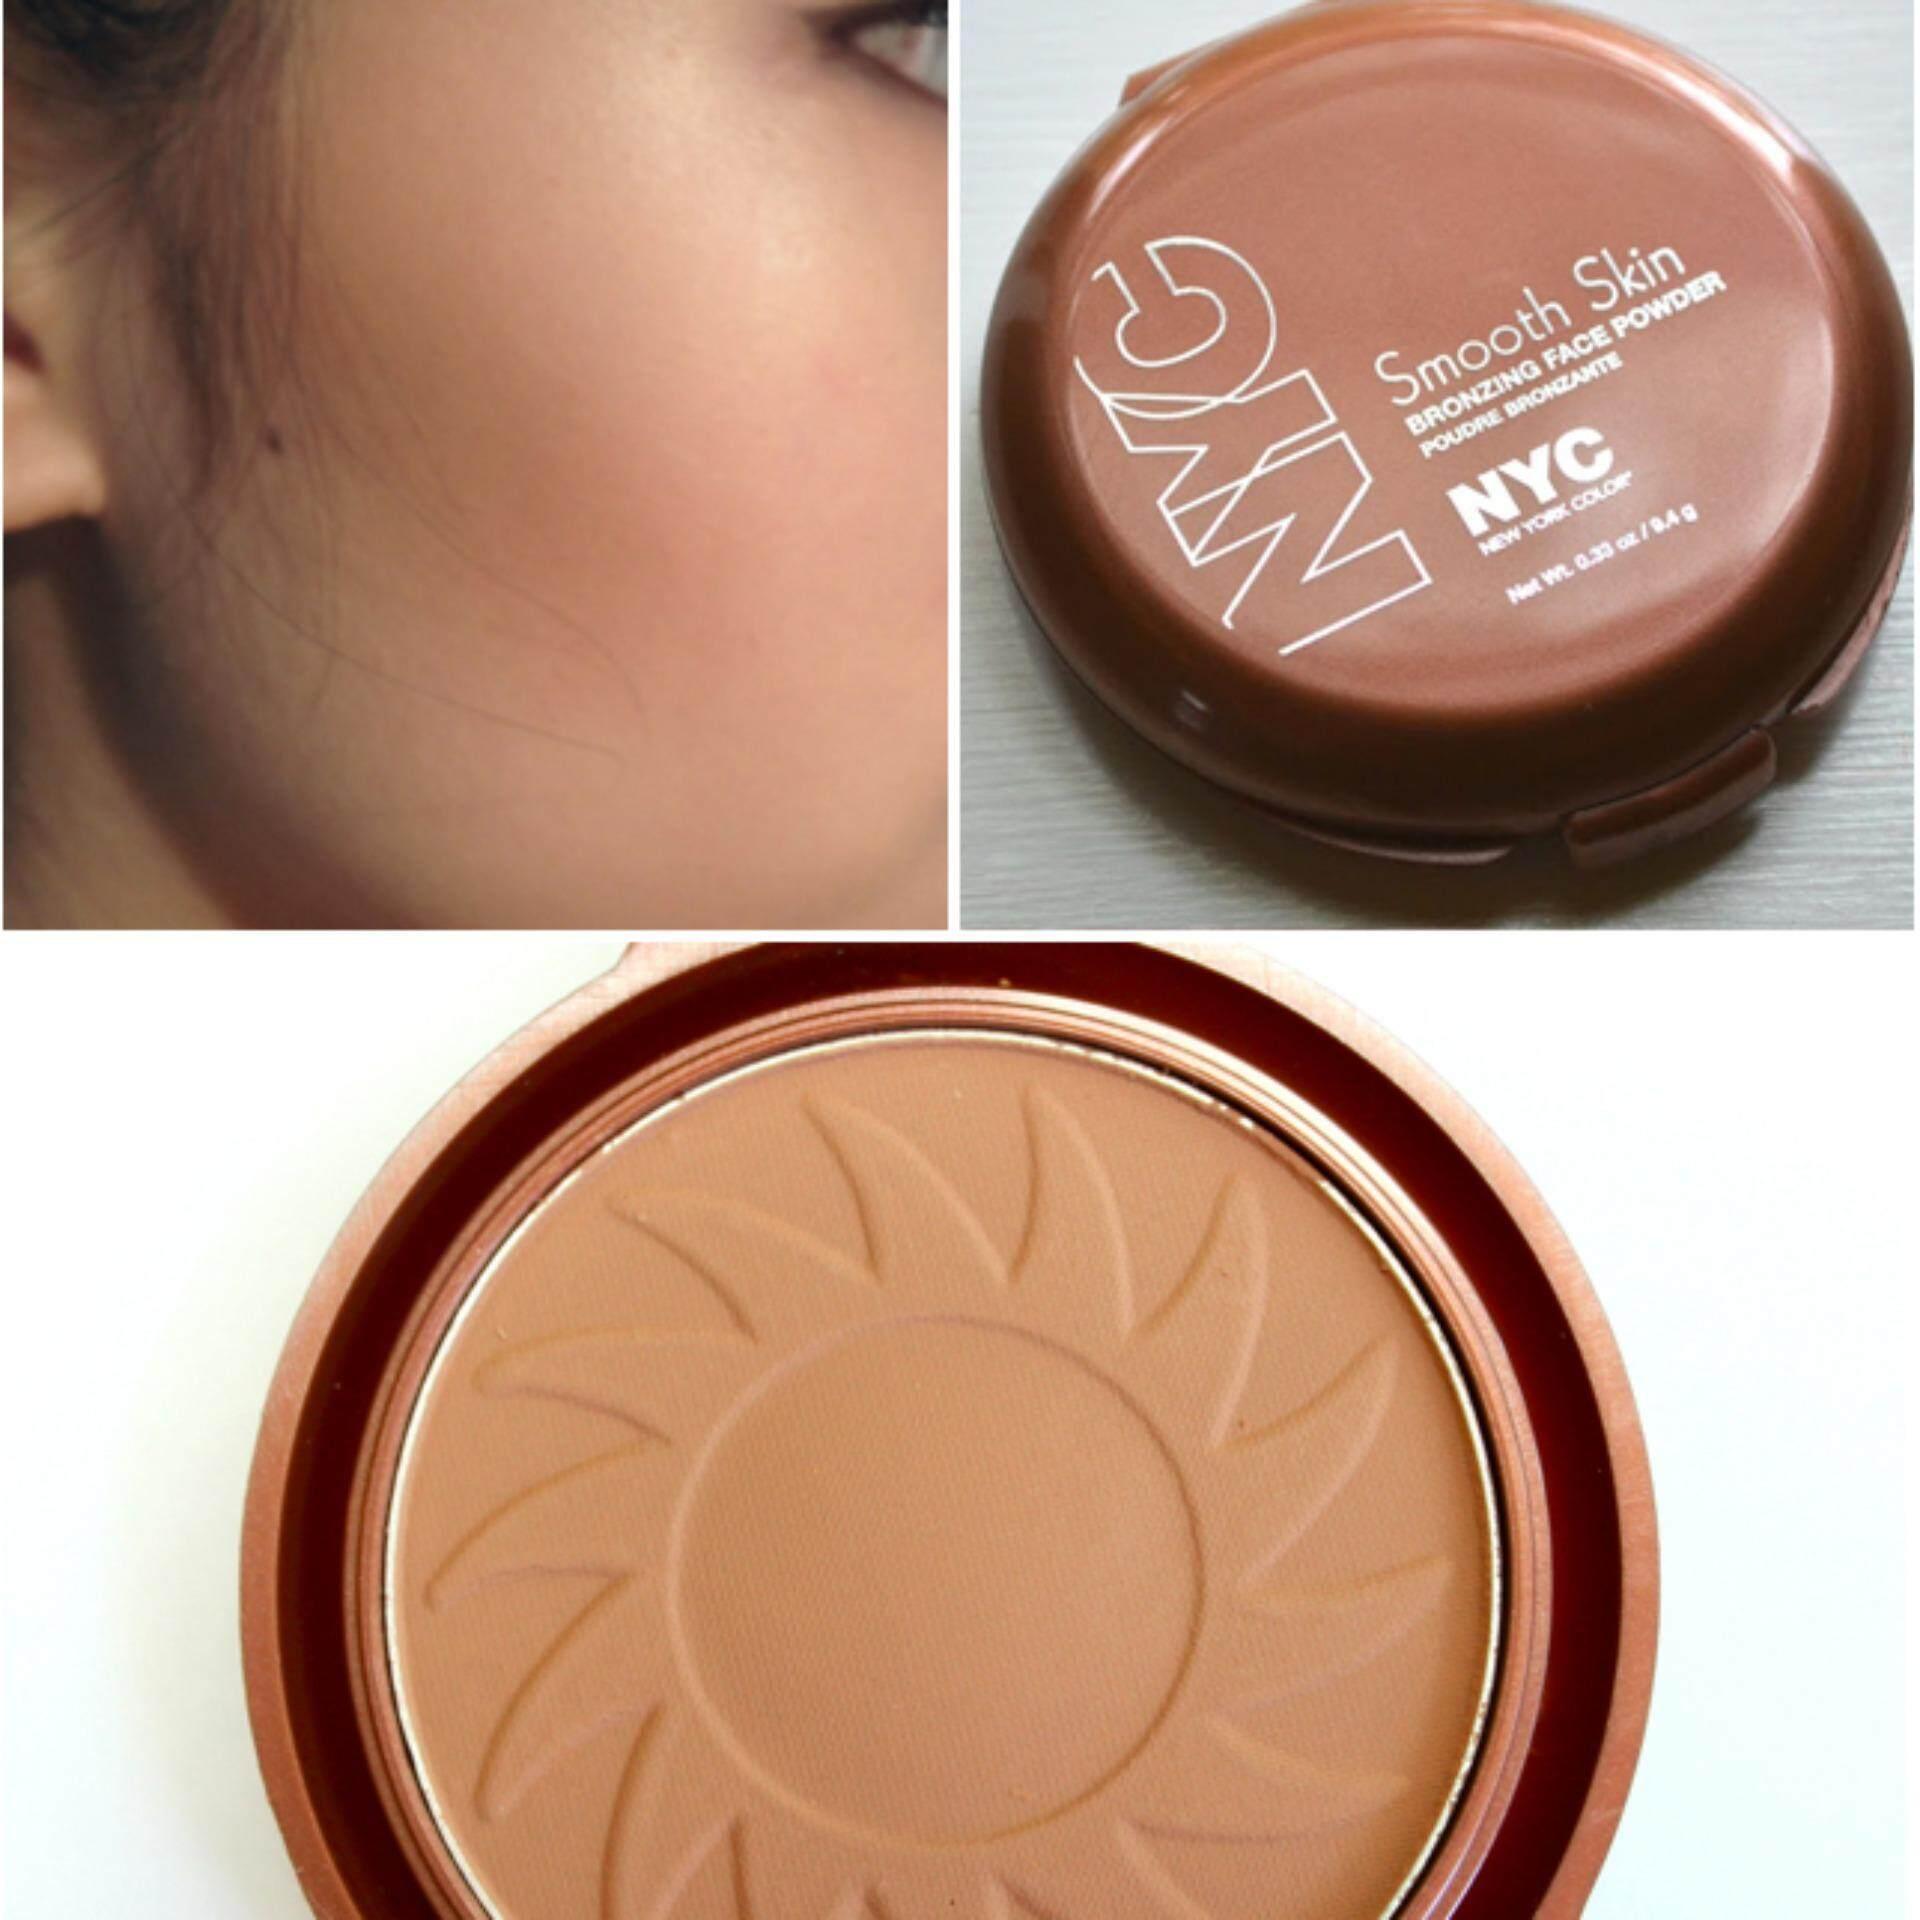 โปรโมชั่น ของแท้ หน้าเรียวด้วย Nyc บรอนเซอร์ Smooth Skin Bronzing Face Powder สี Sunny 9 4G